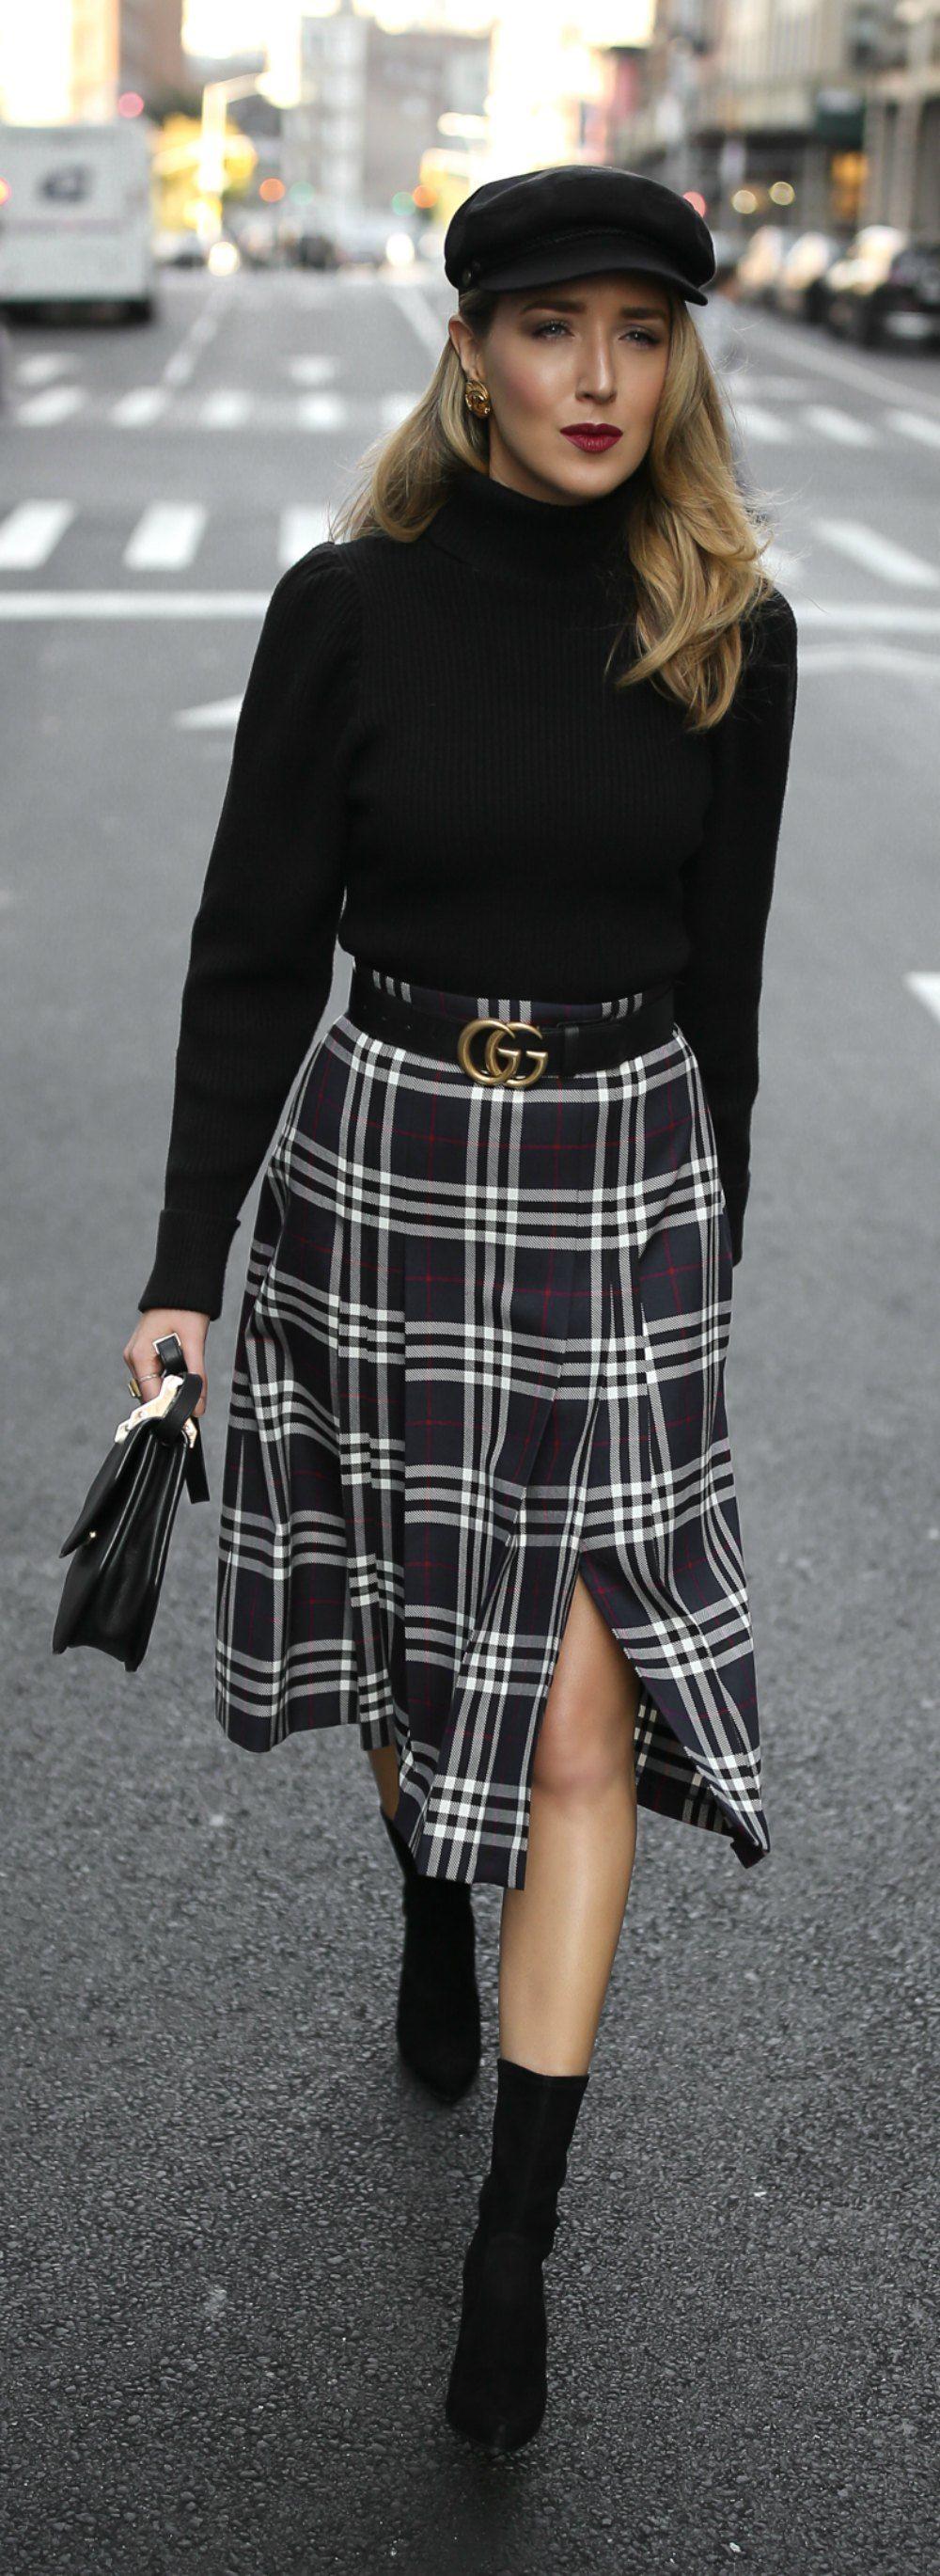 Pleated plaid midi skirt black puffedshoulder turtleneck black